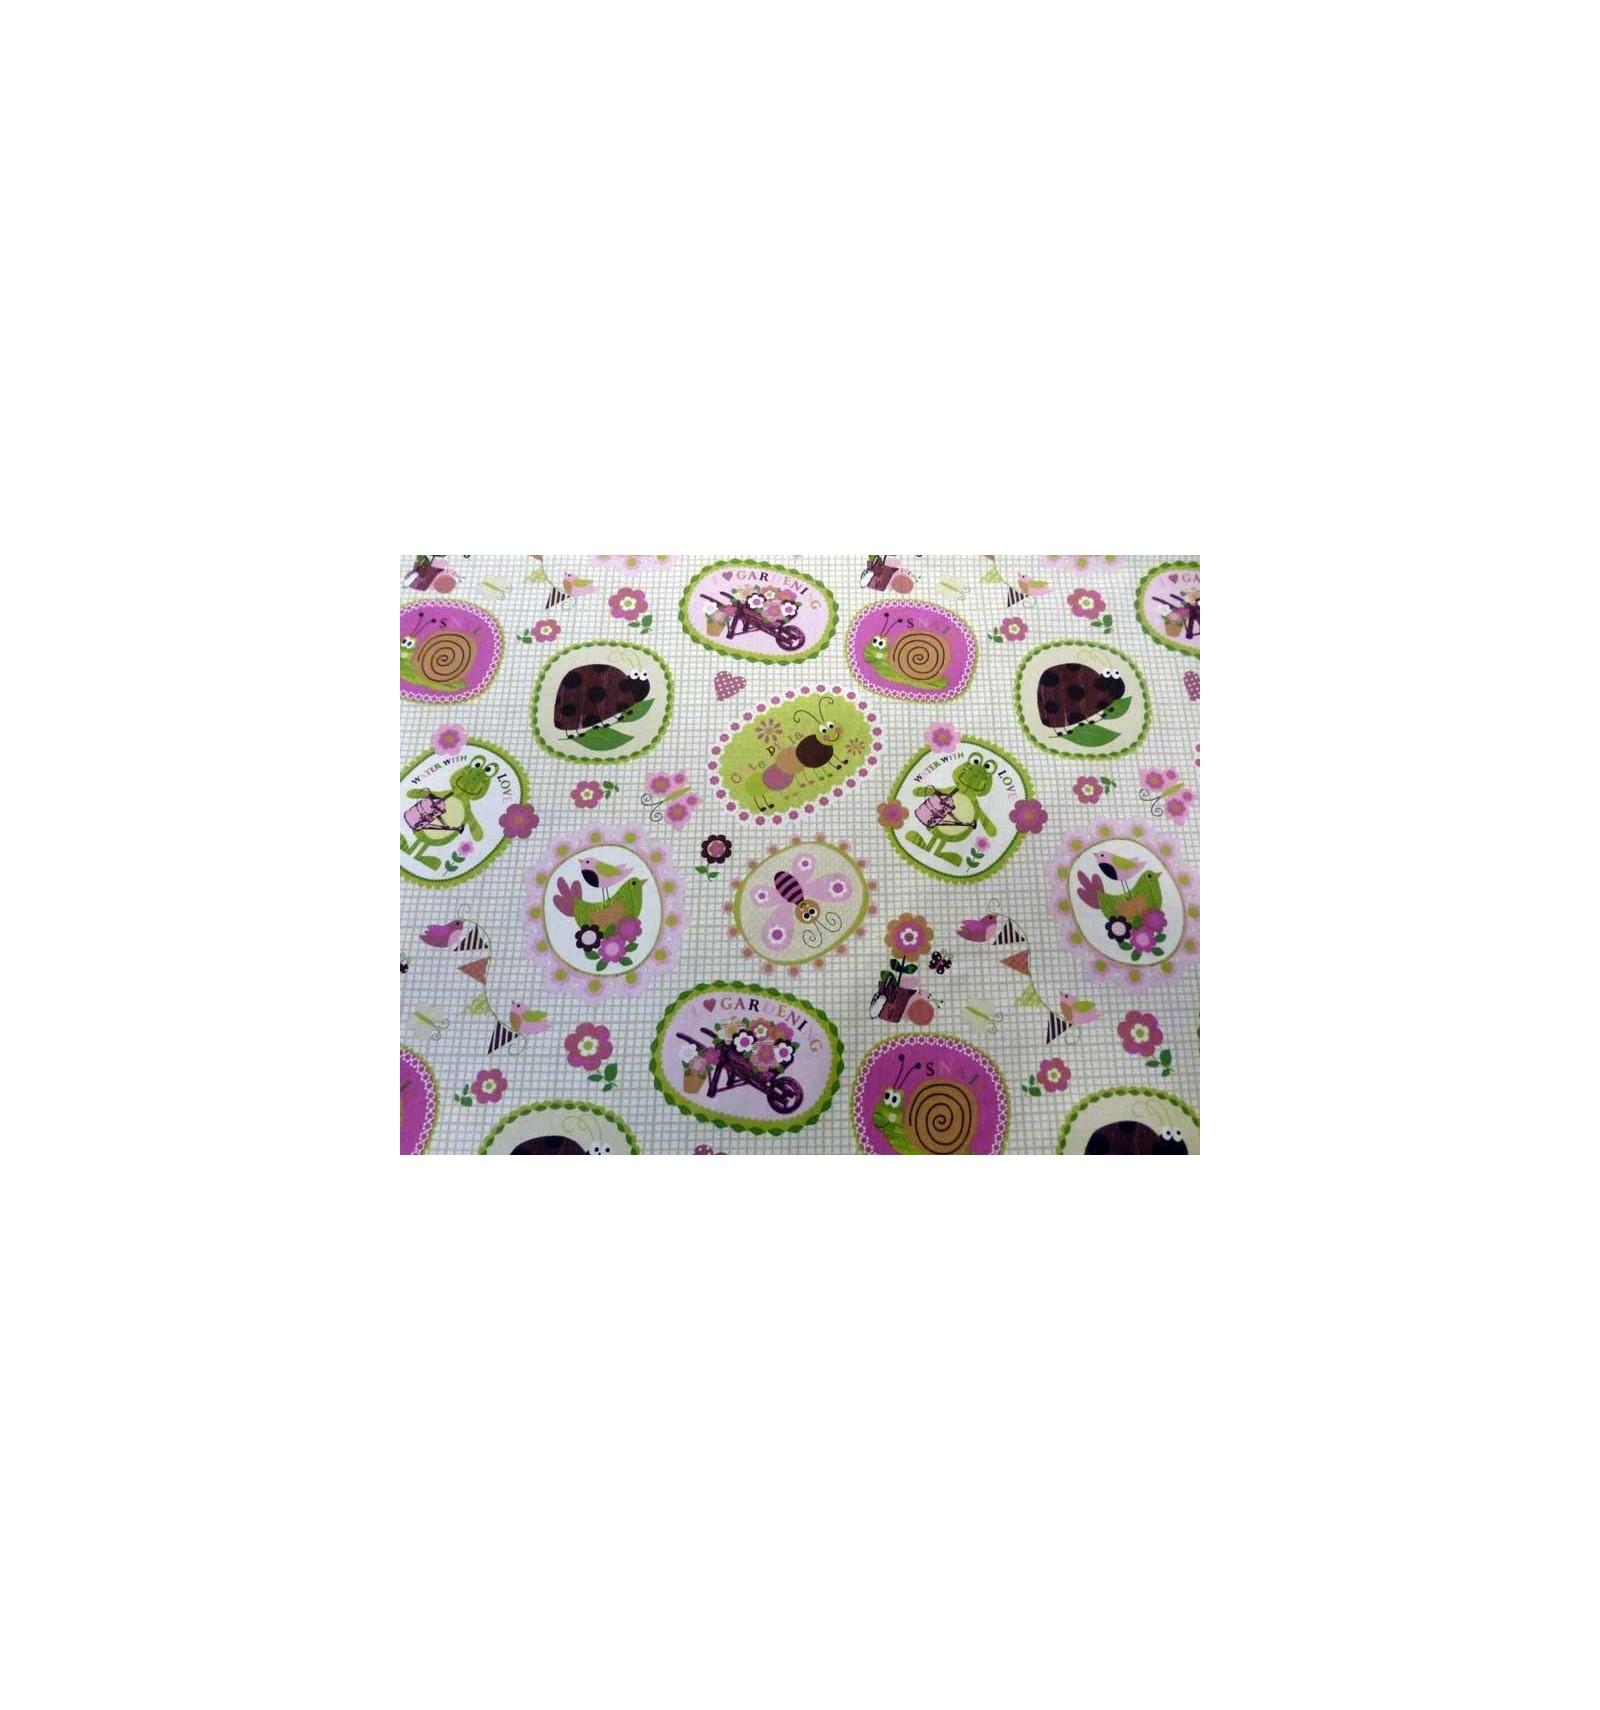 tissu pour enfant vente de tissu rose pour fille tissu coccinelle et papillon vente de tissu. Black Bedroom Furniture Sets. Home Design Ideas